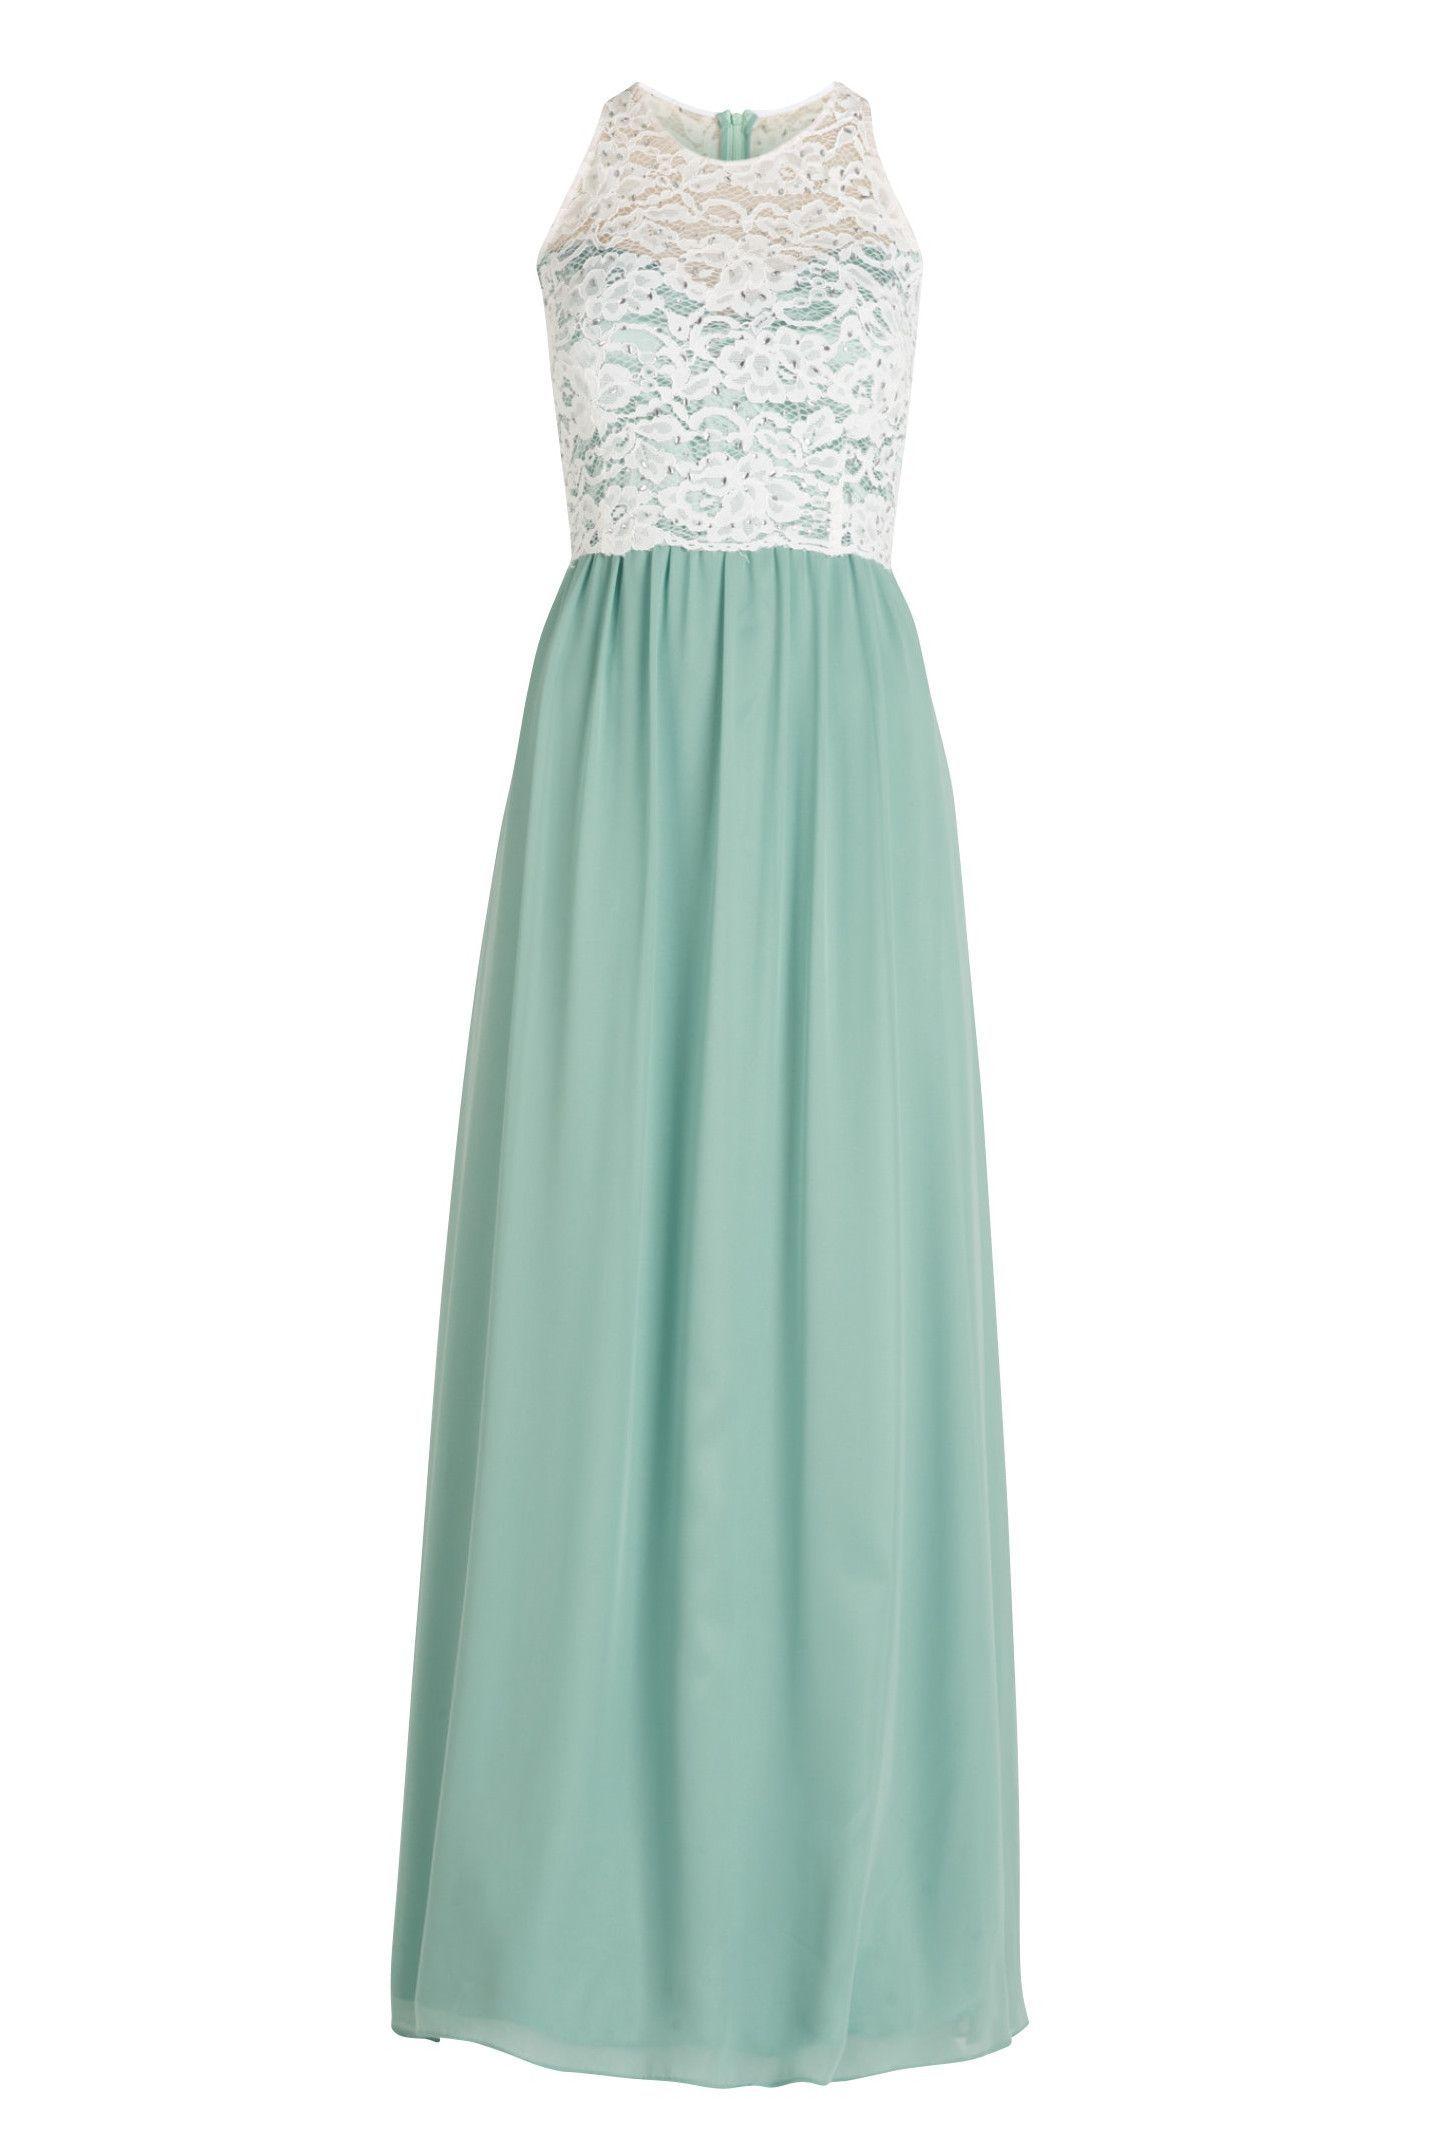 Zweifarbiges Standesamtkleid Mit Spitze In Ivory Vera Mont Abendkleid Kleider Lange Kleider